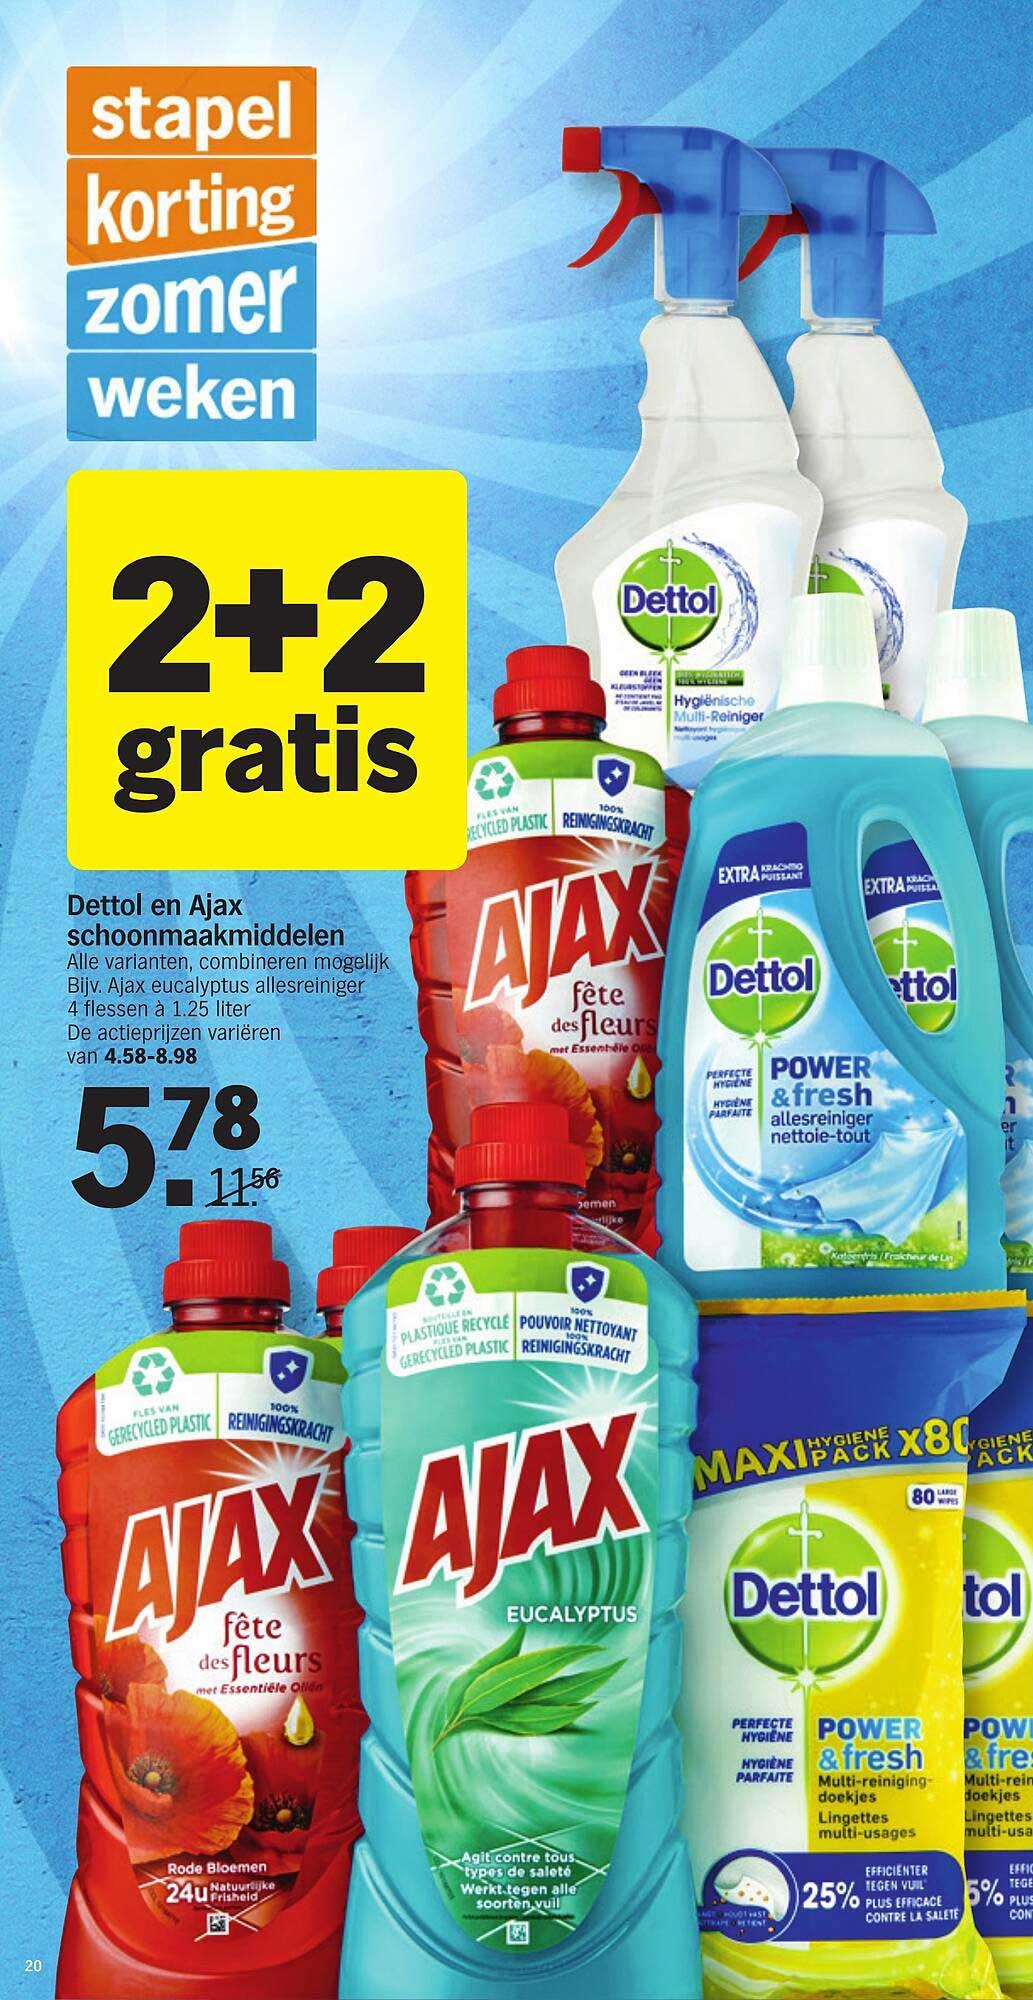 Albert Heijn Dettol En Ajax Schoonmaakmiddelen 2+2 Gratis